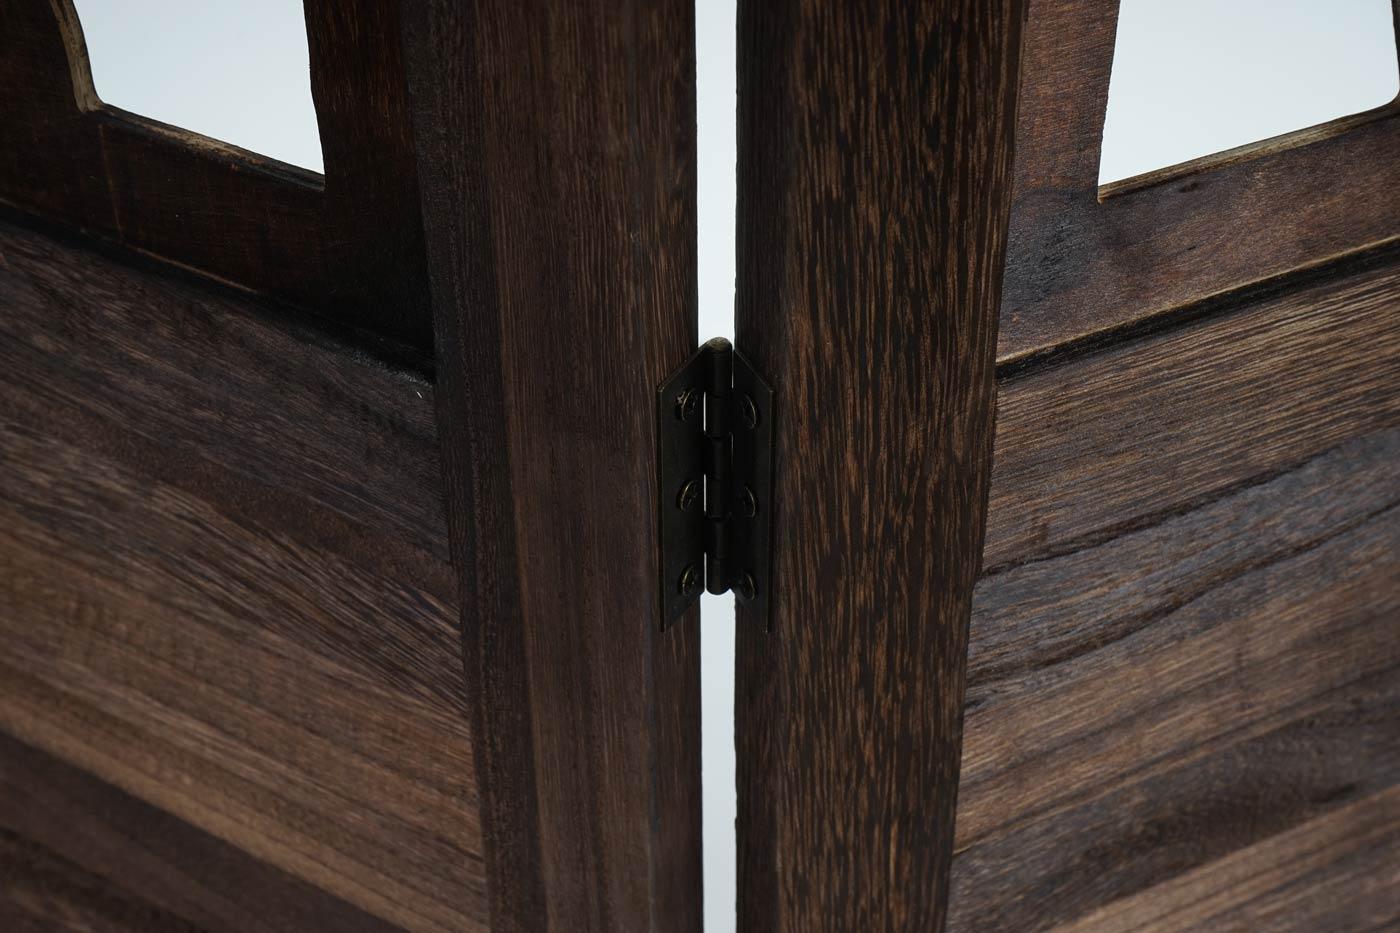 paravent istanbul raumteiler trennwand sichtschutz ornamente 170x160cm braun. Black Bedroom Furniture Sets. Home Design Ideas